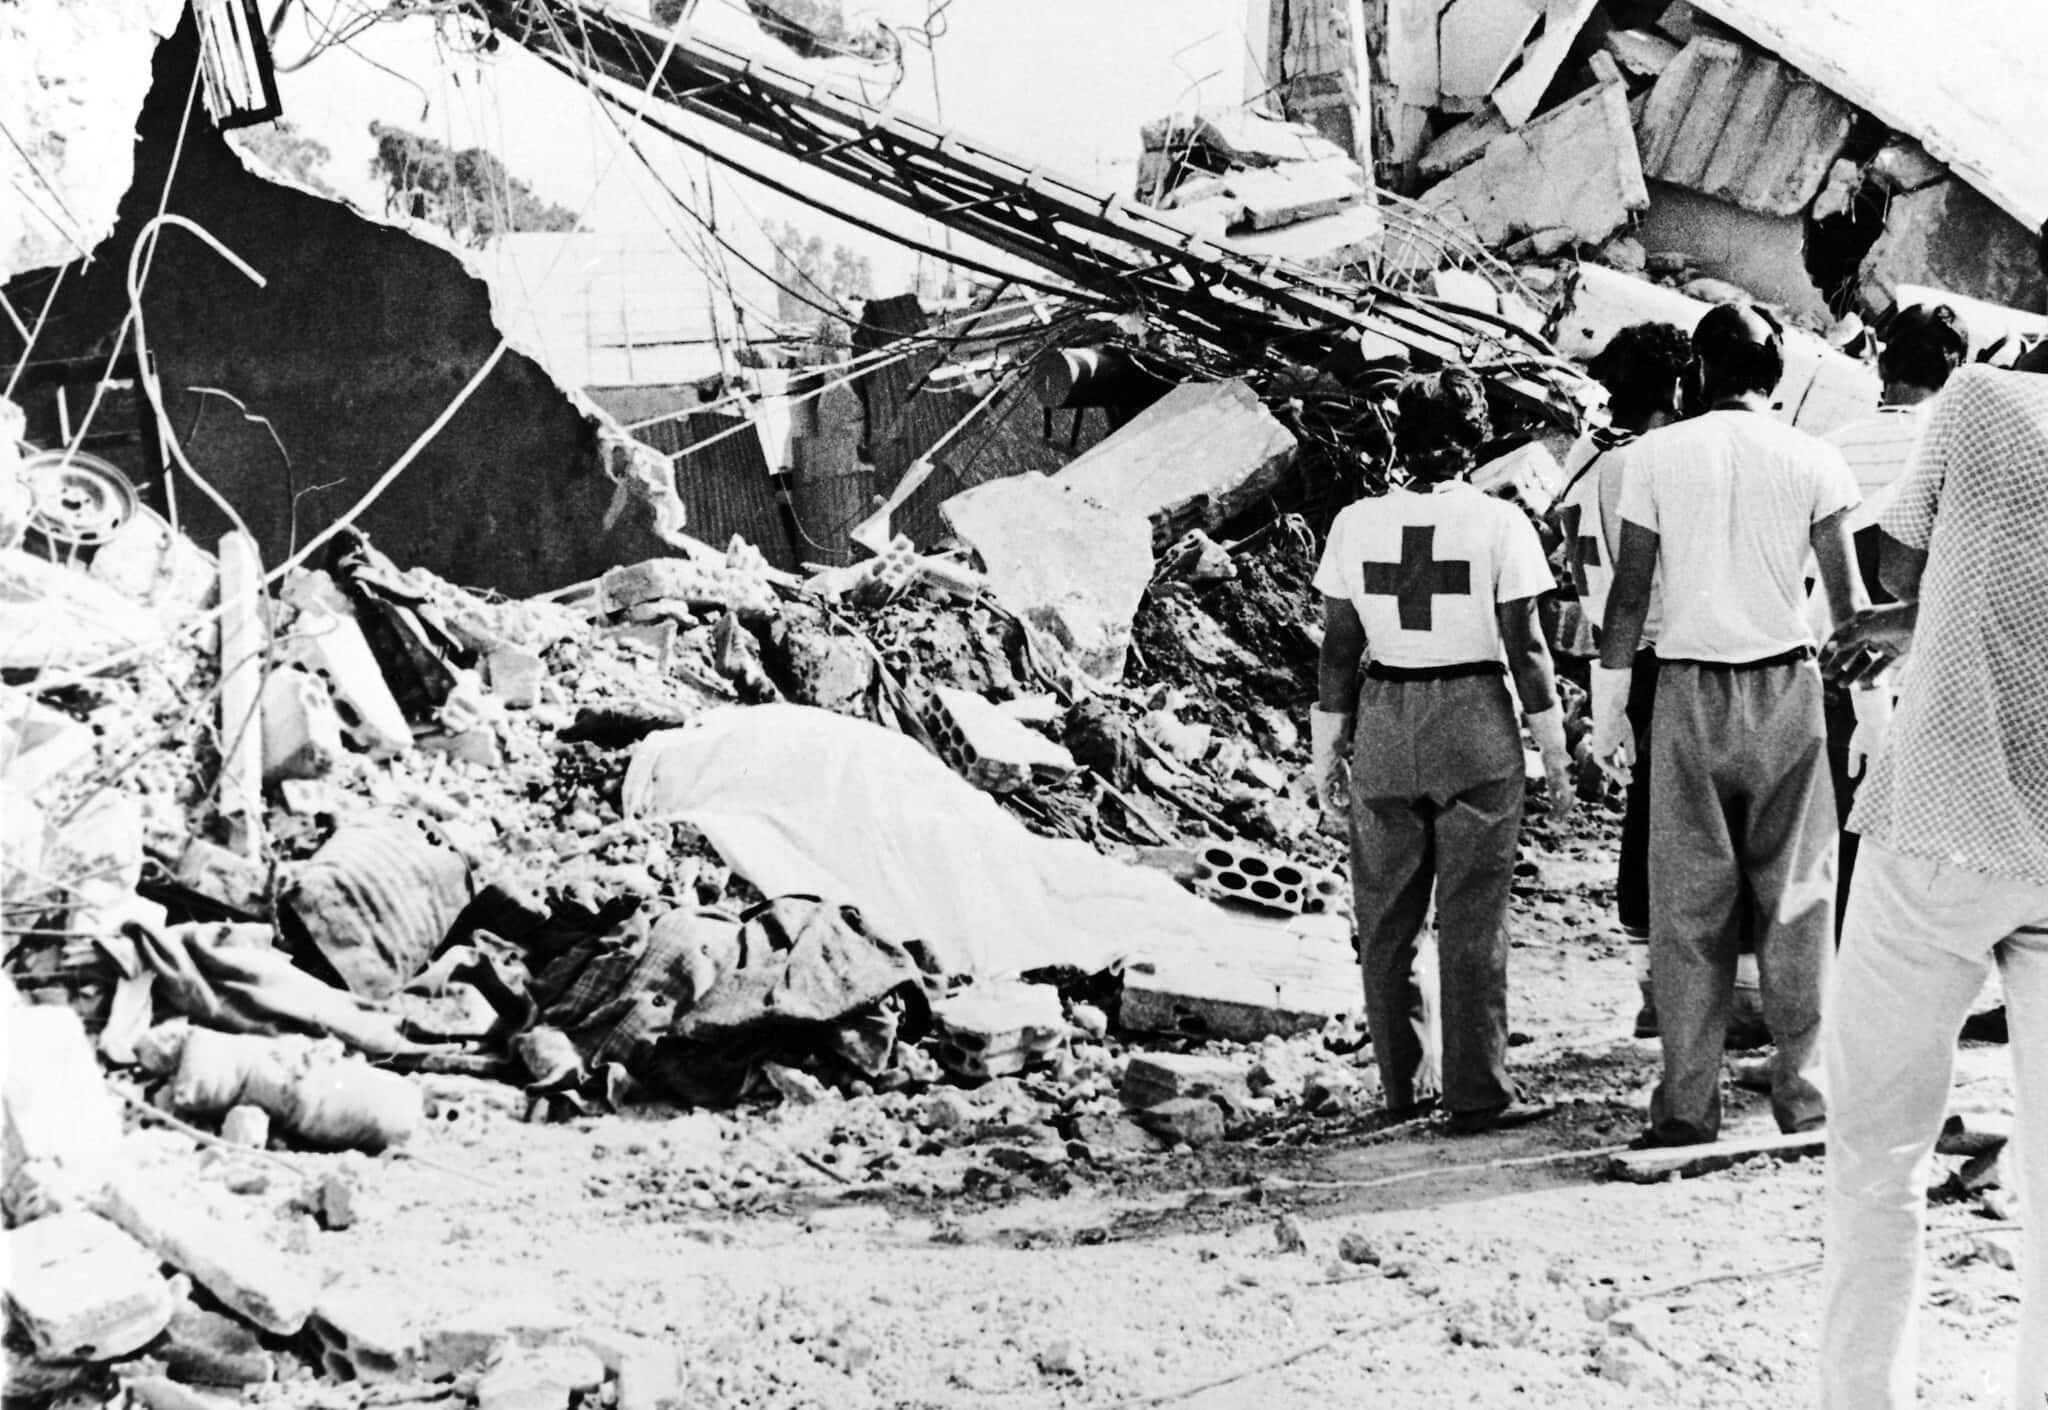 עובדי הצלב האדום מסתכלים על גופה מכוסה בשמיכה זמן קצר לאחר שדחפורים החלו לפנות את השטח במחנה הפליטים סברה בלבנון, 20 בספטמבר 1982 (צילום: (AP Photo/Nash)